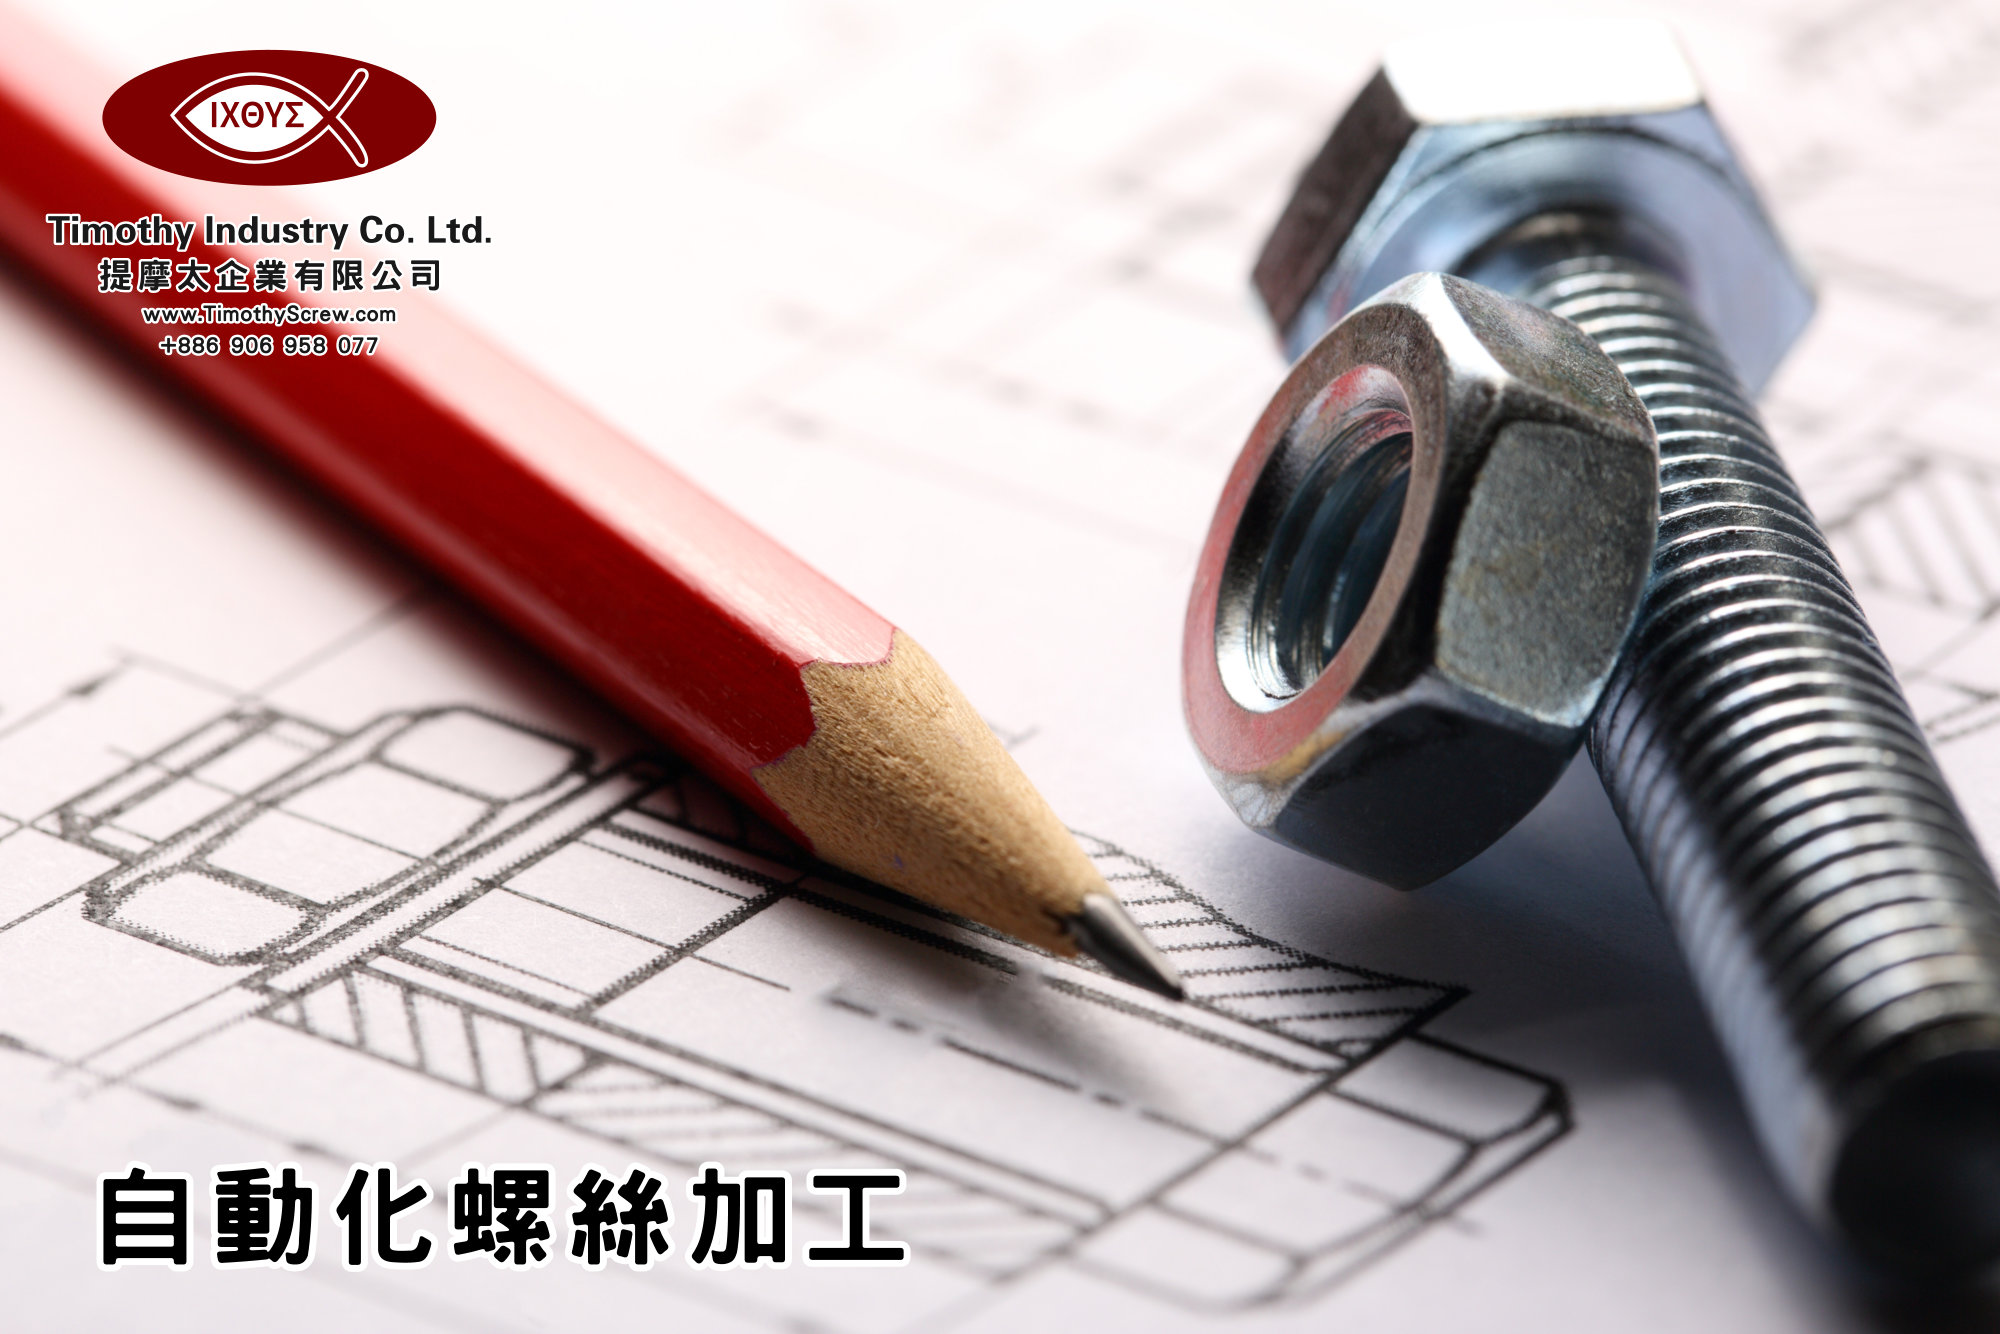 提摩太企業有限公司 Timothy Industry Co Ltd 自動化螺絲加工 車床部 銑床部 台灣自動化螺絲加工 螺絲製造 A19